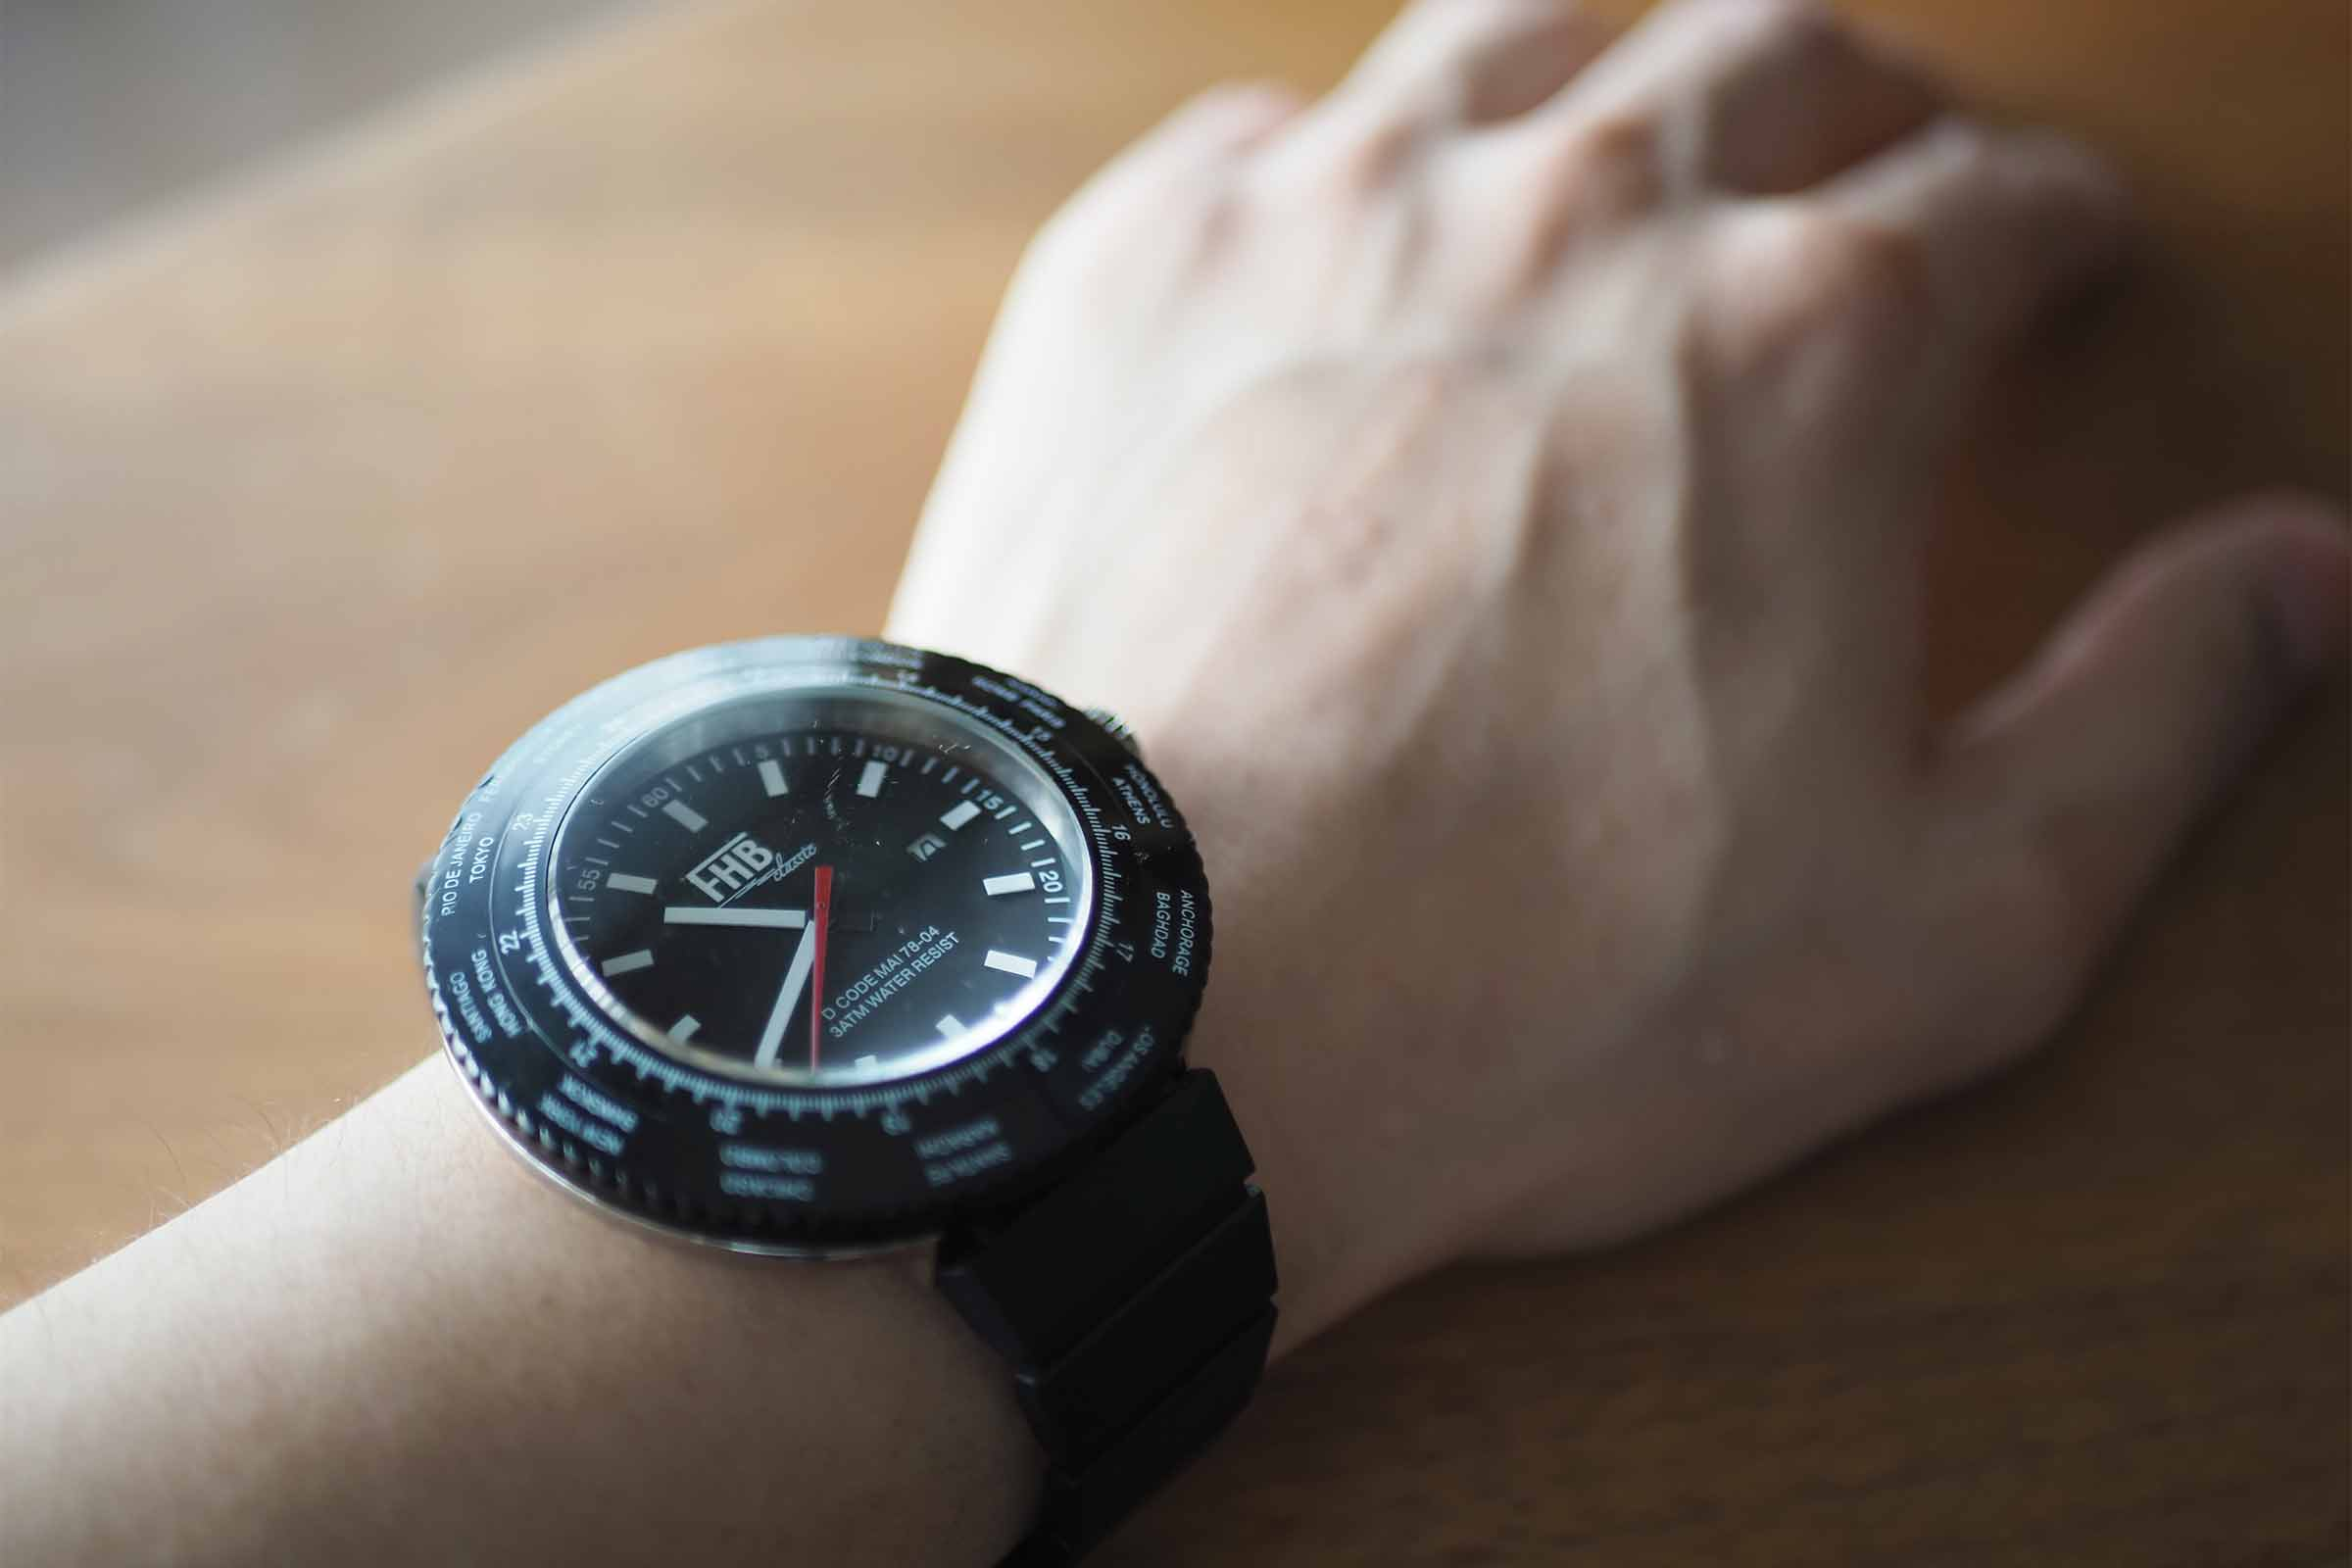 FHB,腕時計,黒,メンズ,ビッグフェイス,お洒落,大人